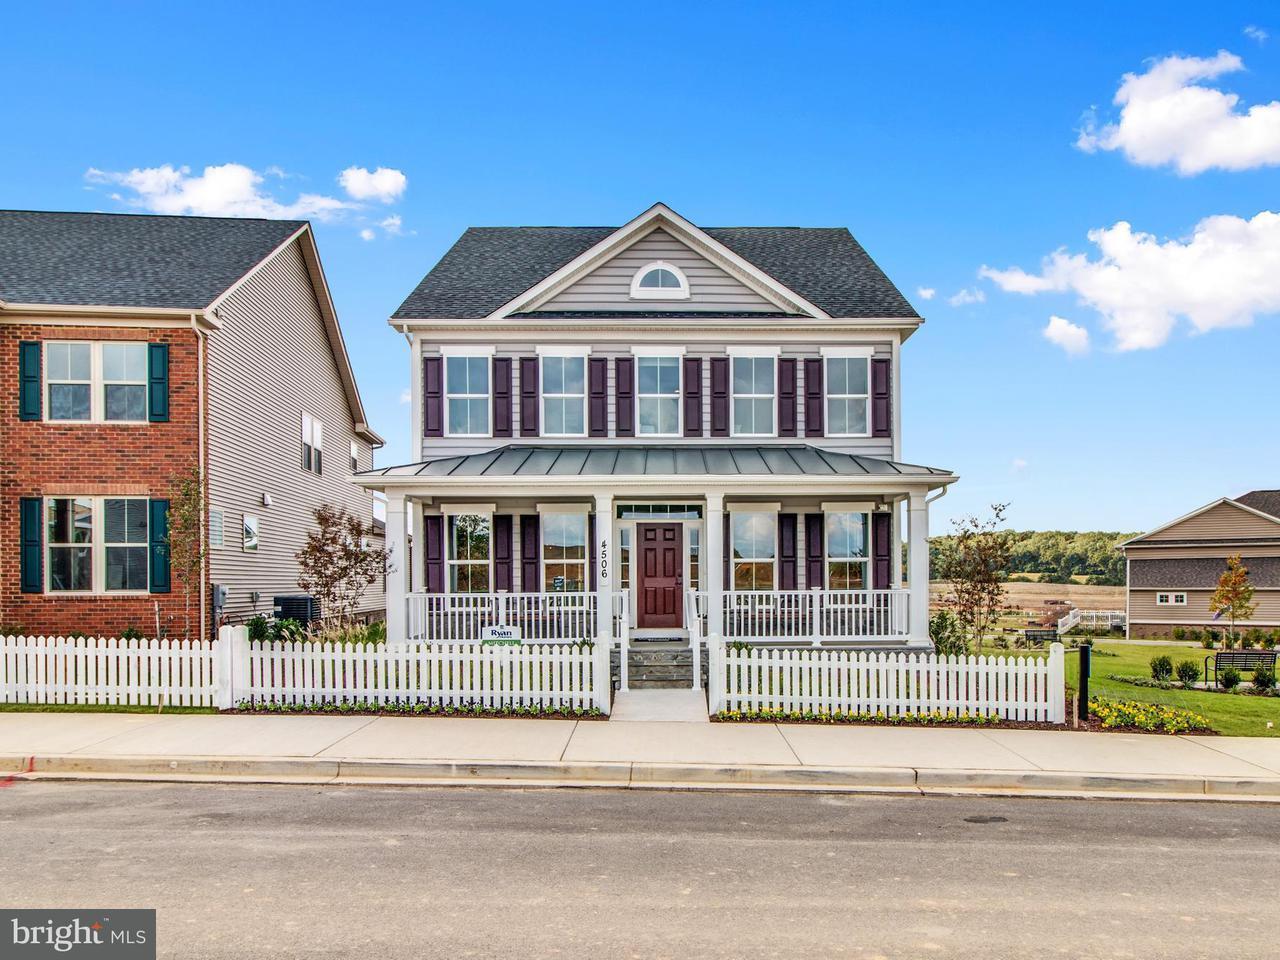 단독 가정 주택 용 매매 에 4304 ARBOR WOOD Court 4304 ARBOR WOOD Court Burtonsville, 메릴랜드 20866 미국